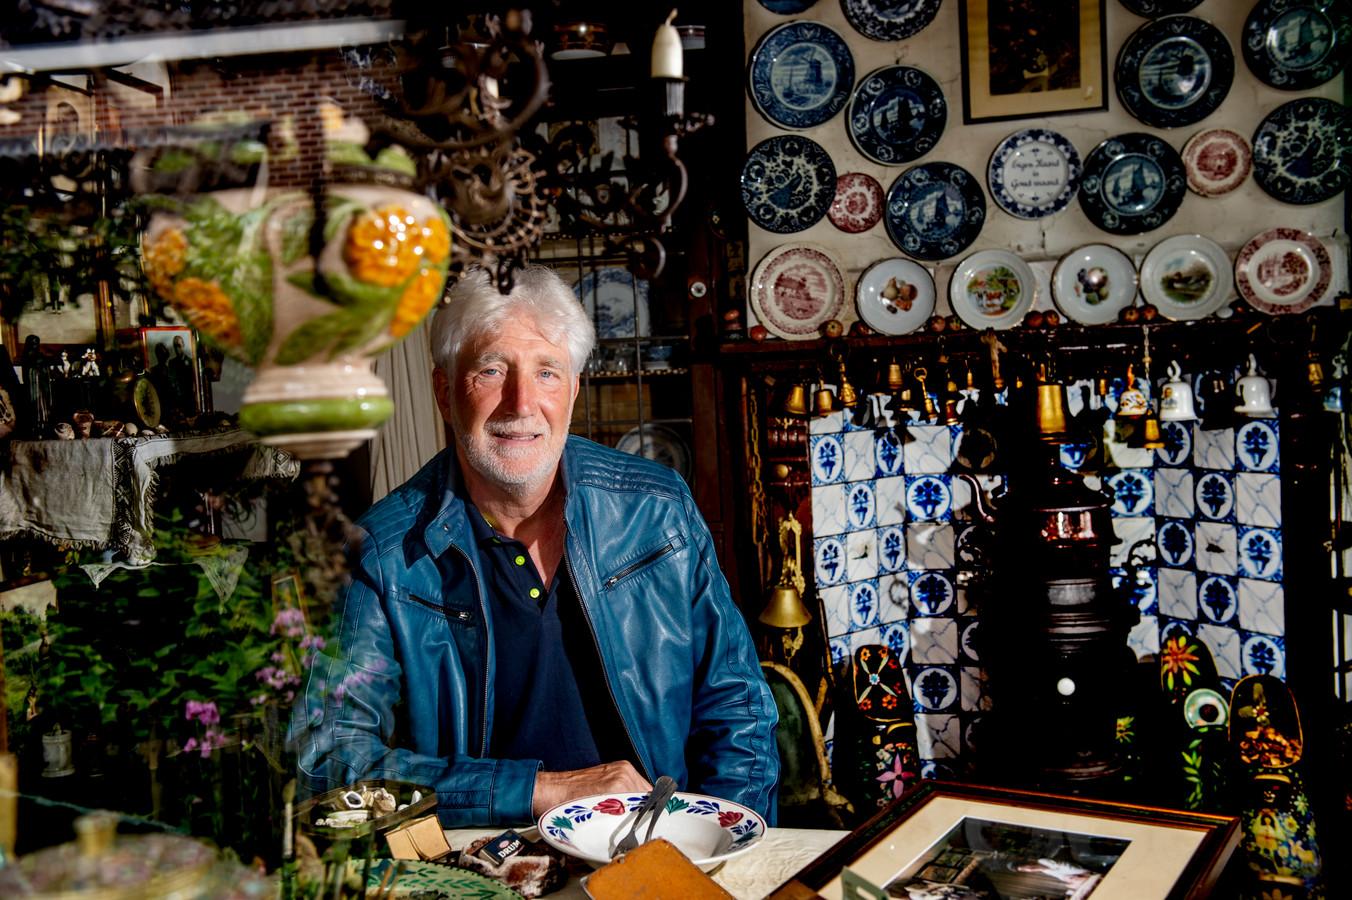 Johan De Weerd tussen de kunstwerken van Herman Kip: ,,Hij maakte de kunst voor zichzelf, het was een einzelgänger.''